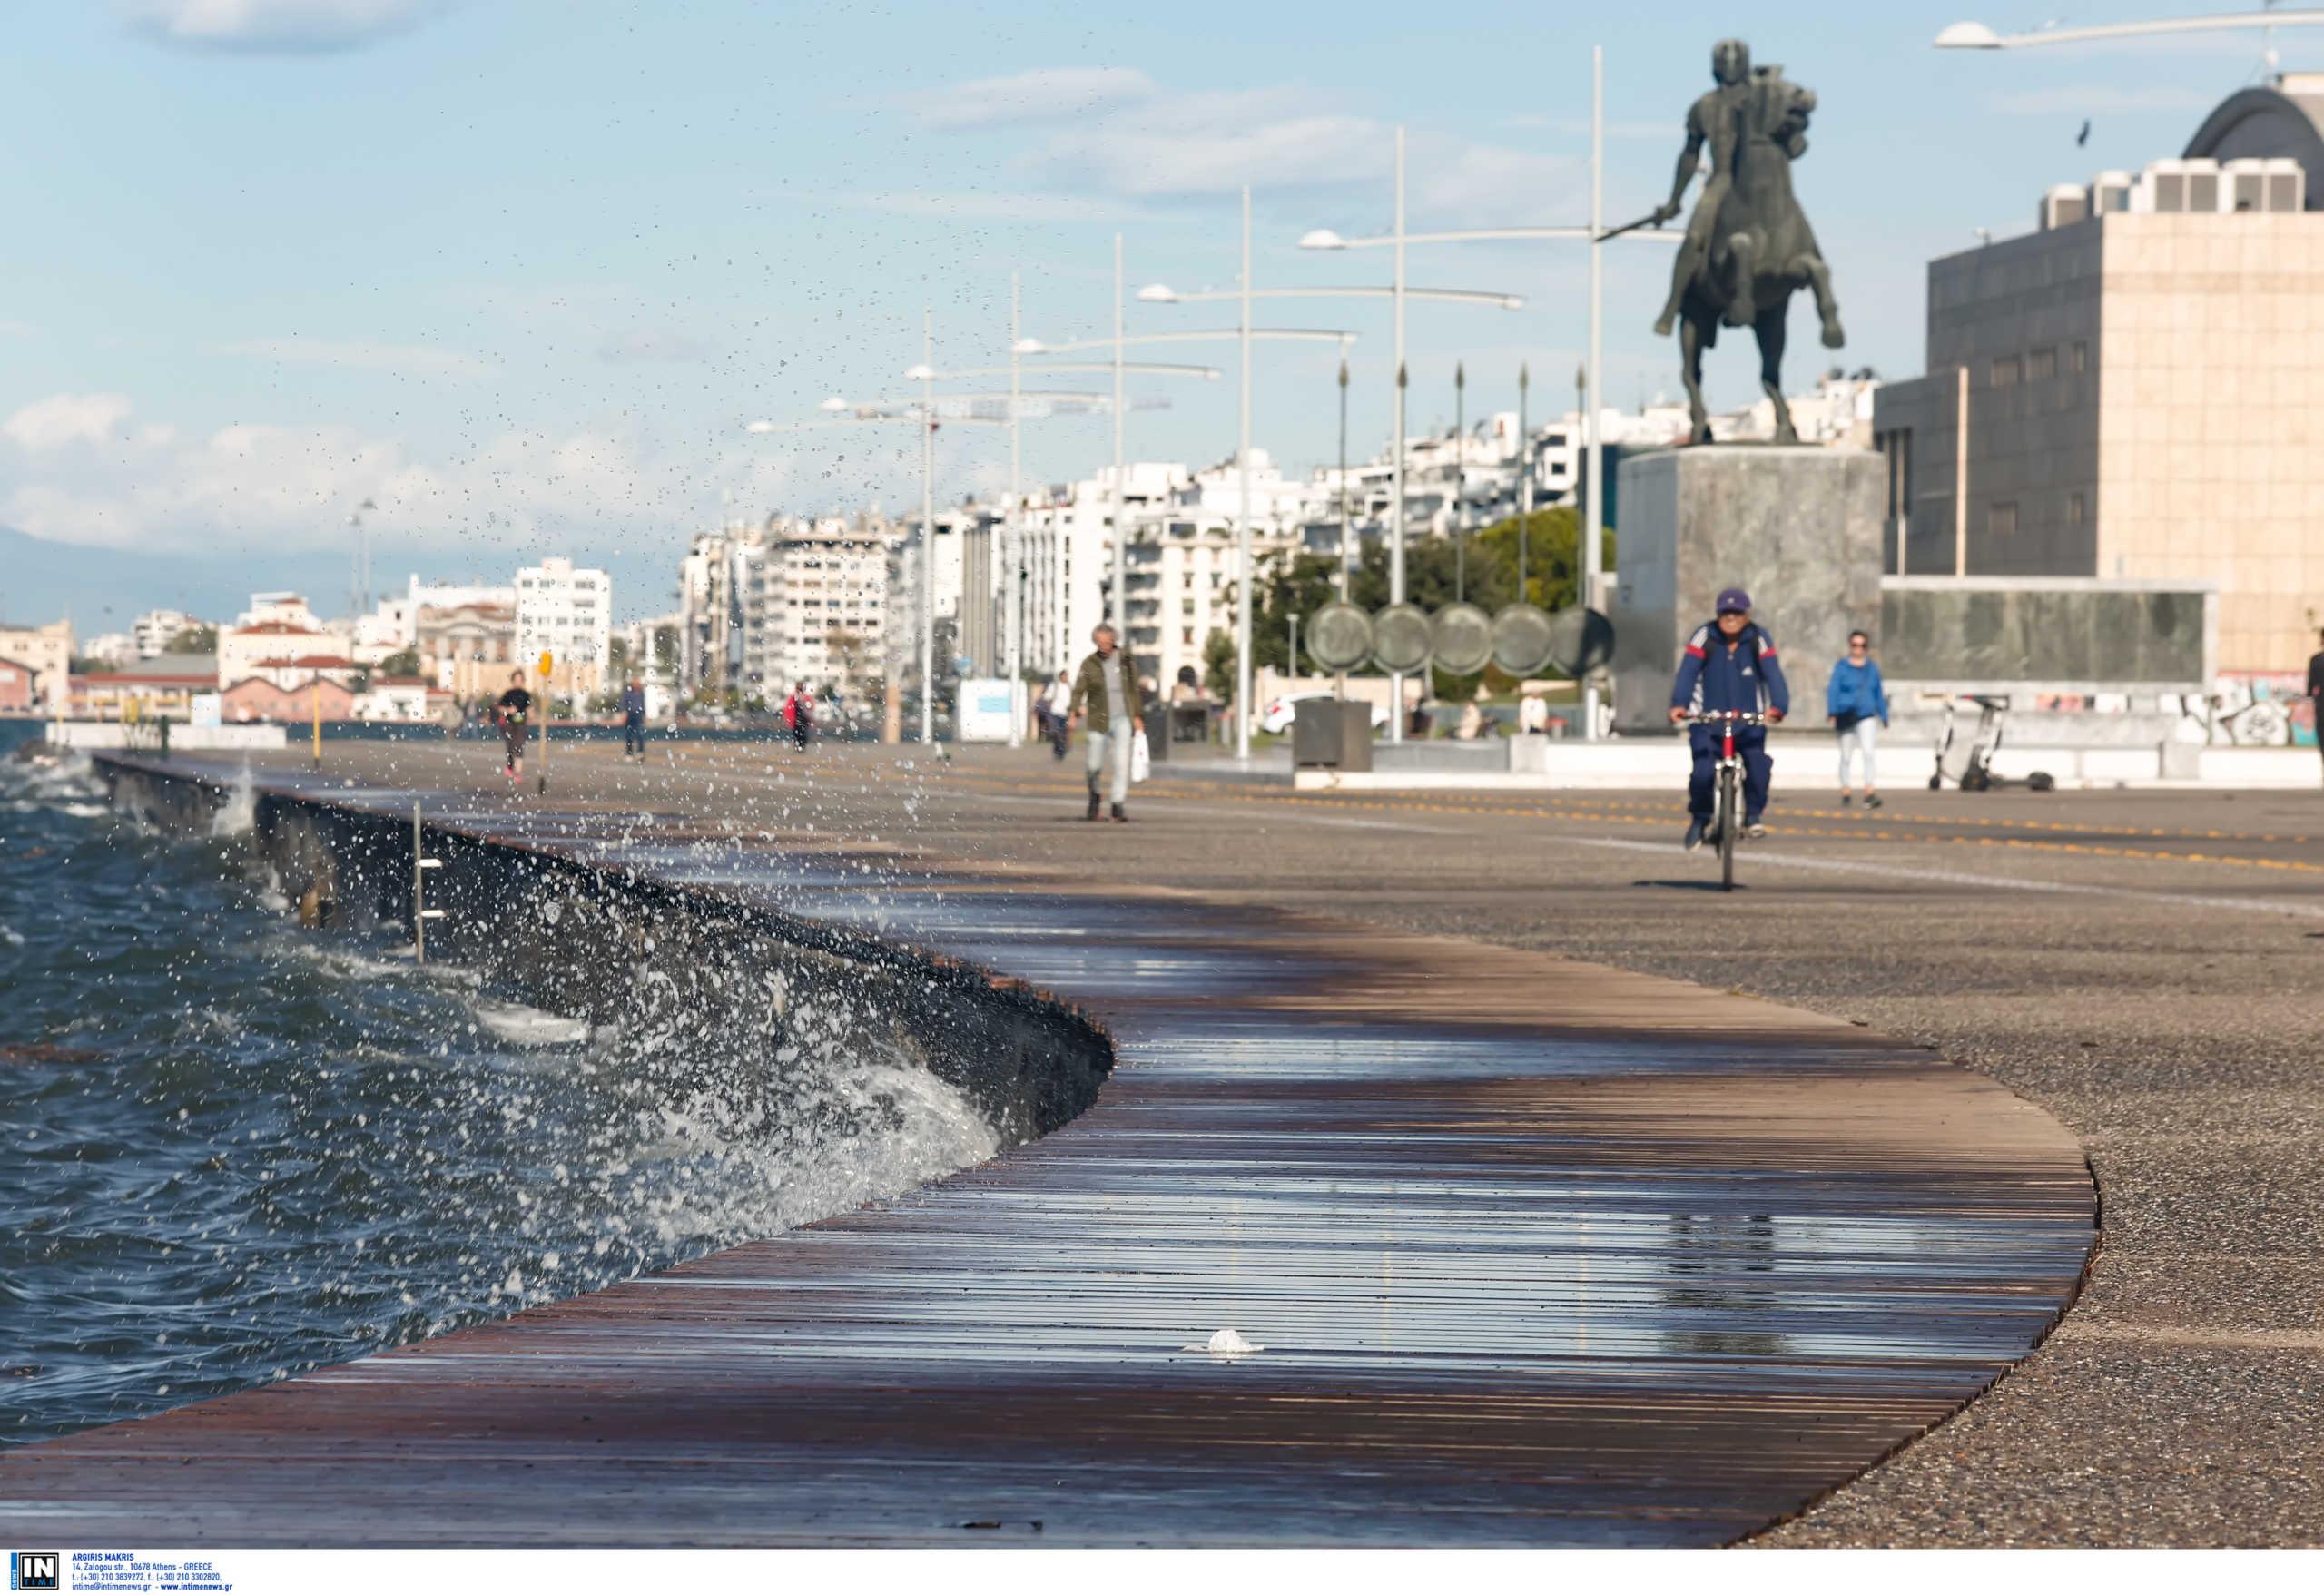 Κορονοϊός: Τις επόμενες 48 ώρες κρίνονται τα πάντα για τη Βόρεια Ελλάδα